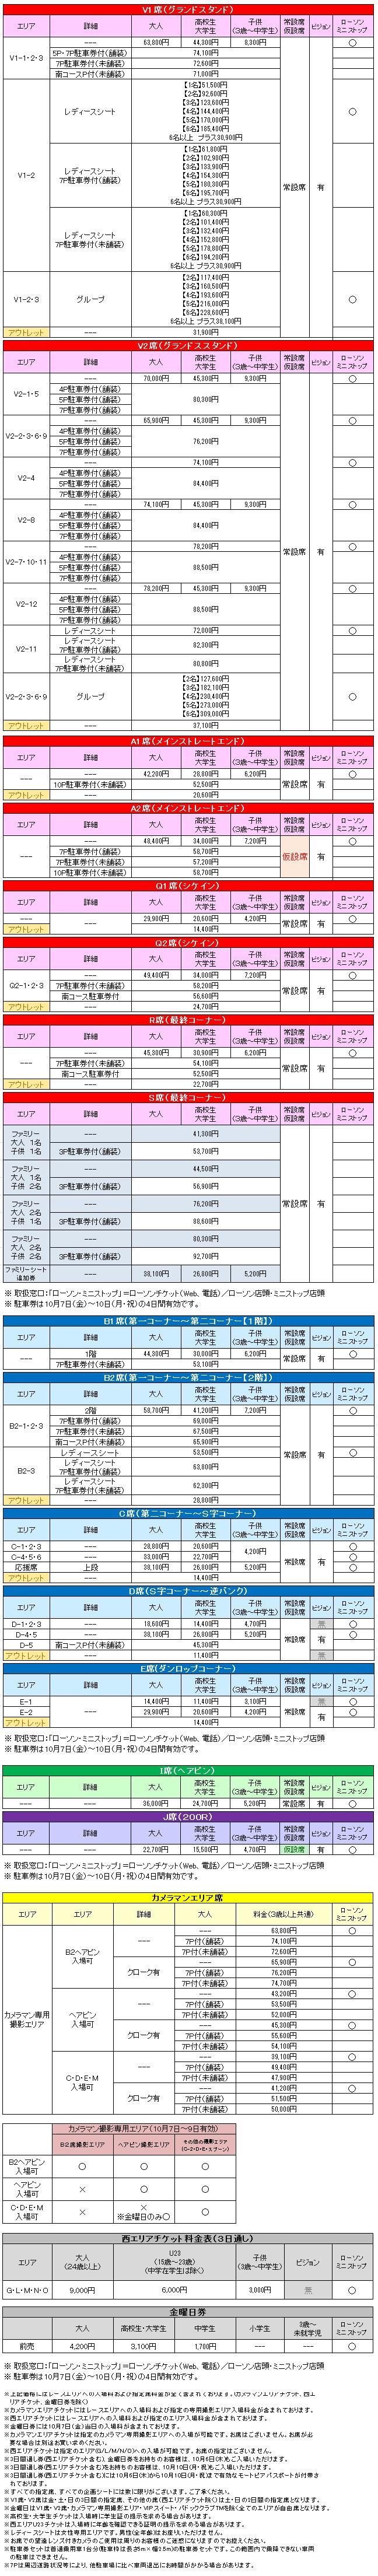 2016年F1日本グランプリチケット料金表